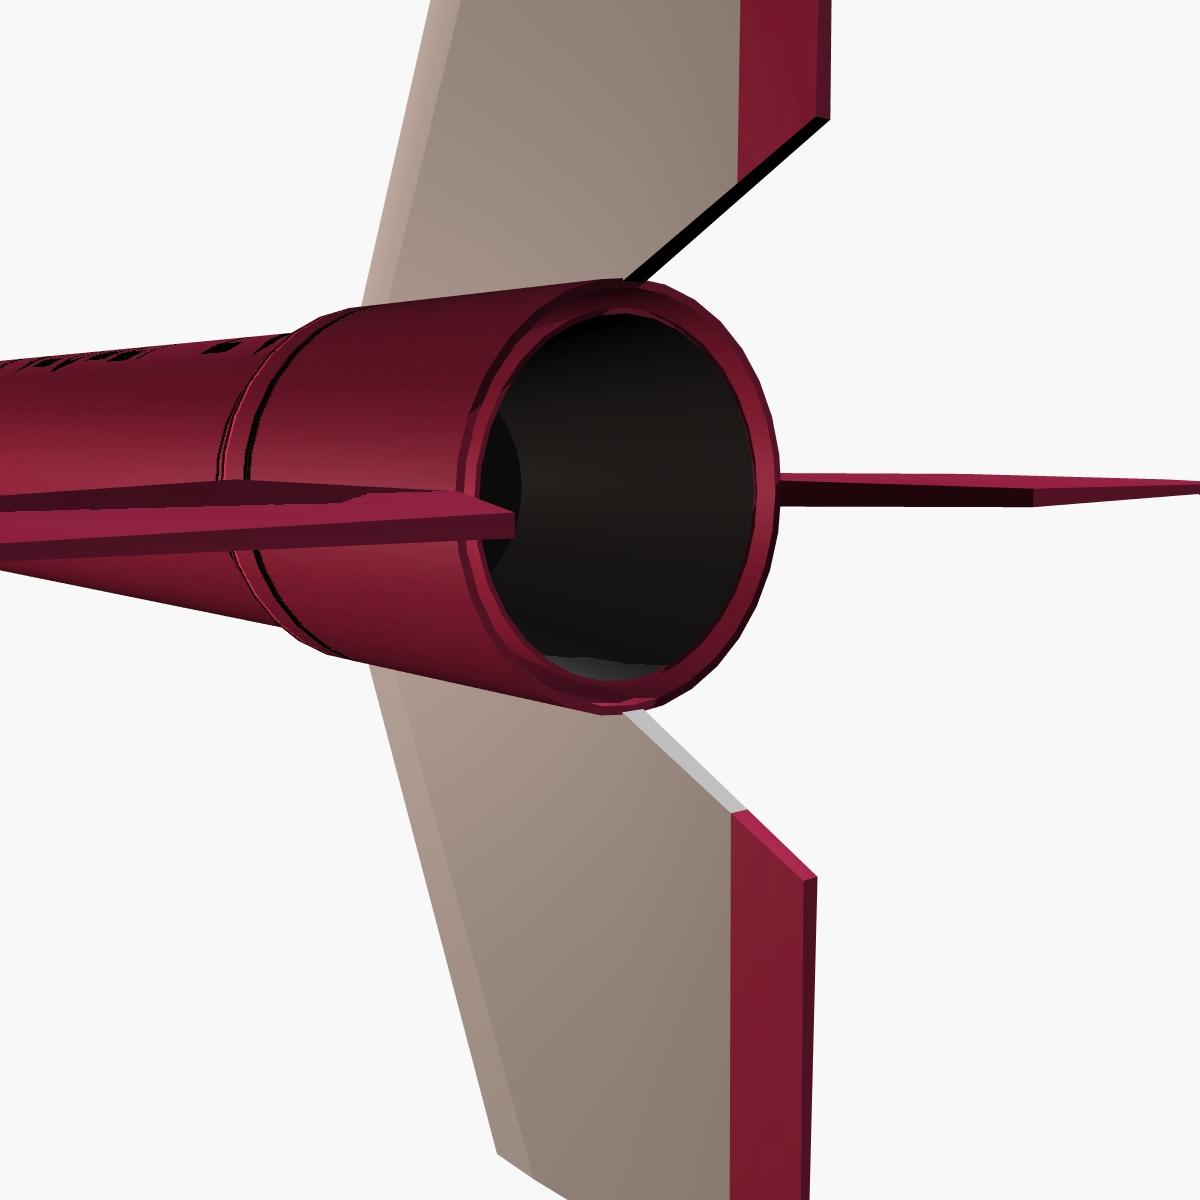 orion i rocket 3d model 3ds dxf fbx blend cob dae x  obj 208069